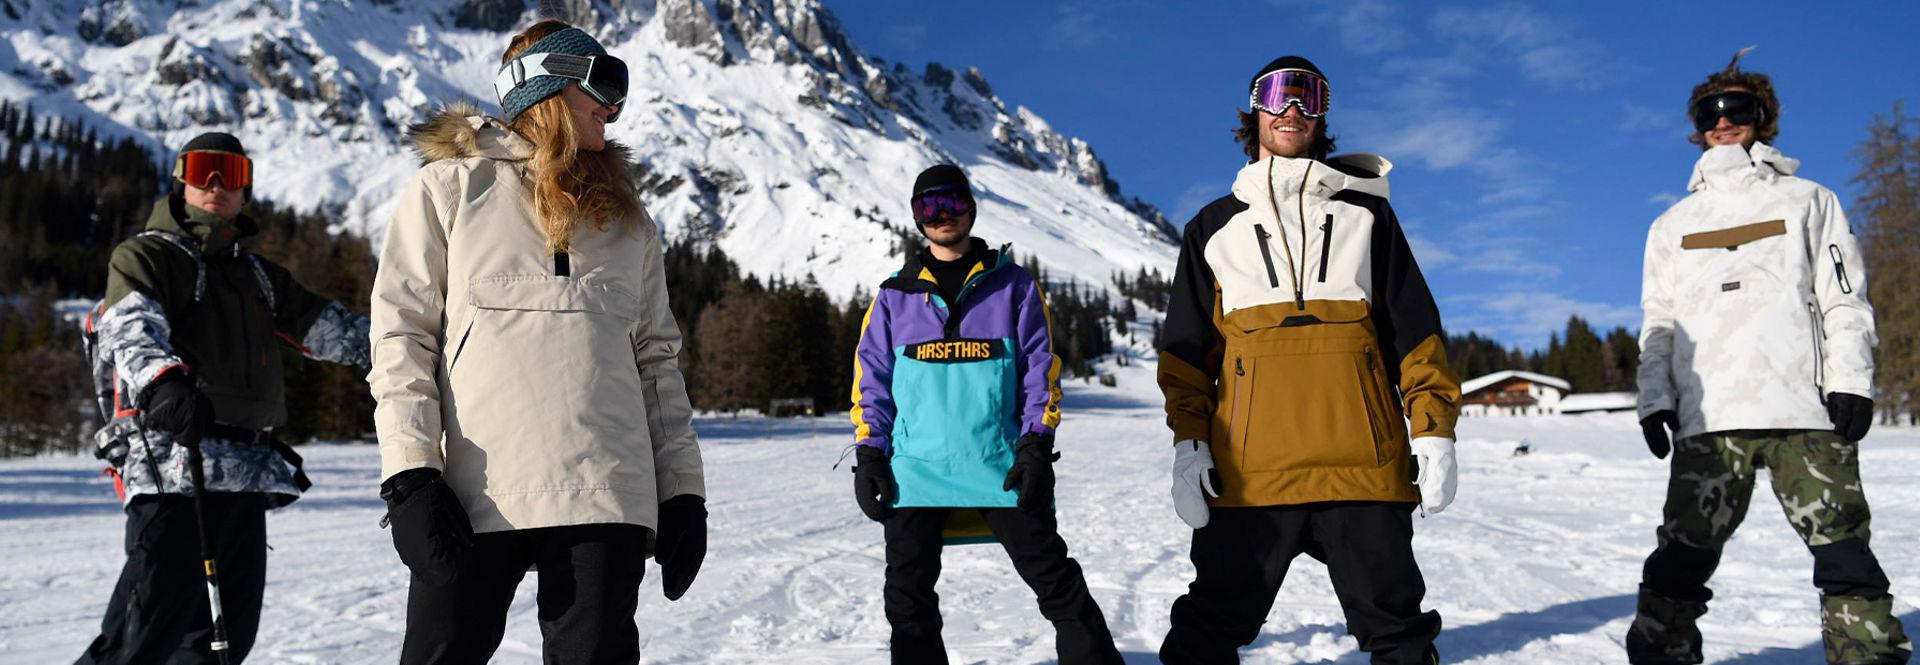 Eine Gruppe von Skiern und Snowboardern stehen draußen mit ihren Brettern und Snowwear